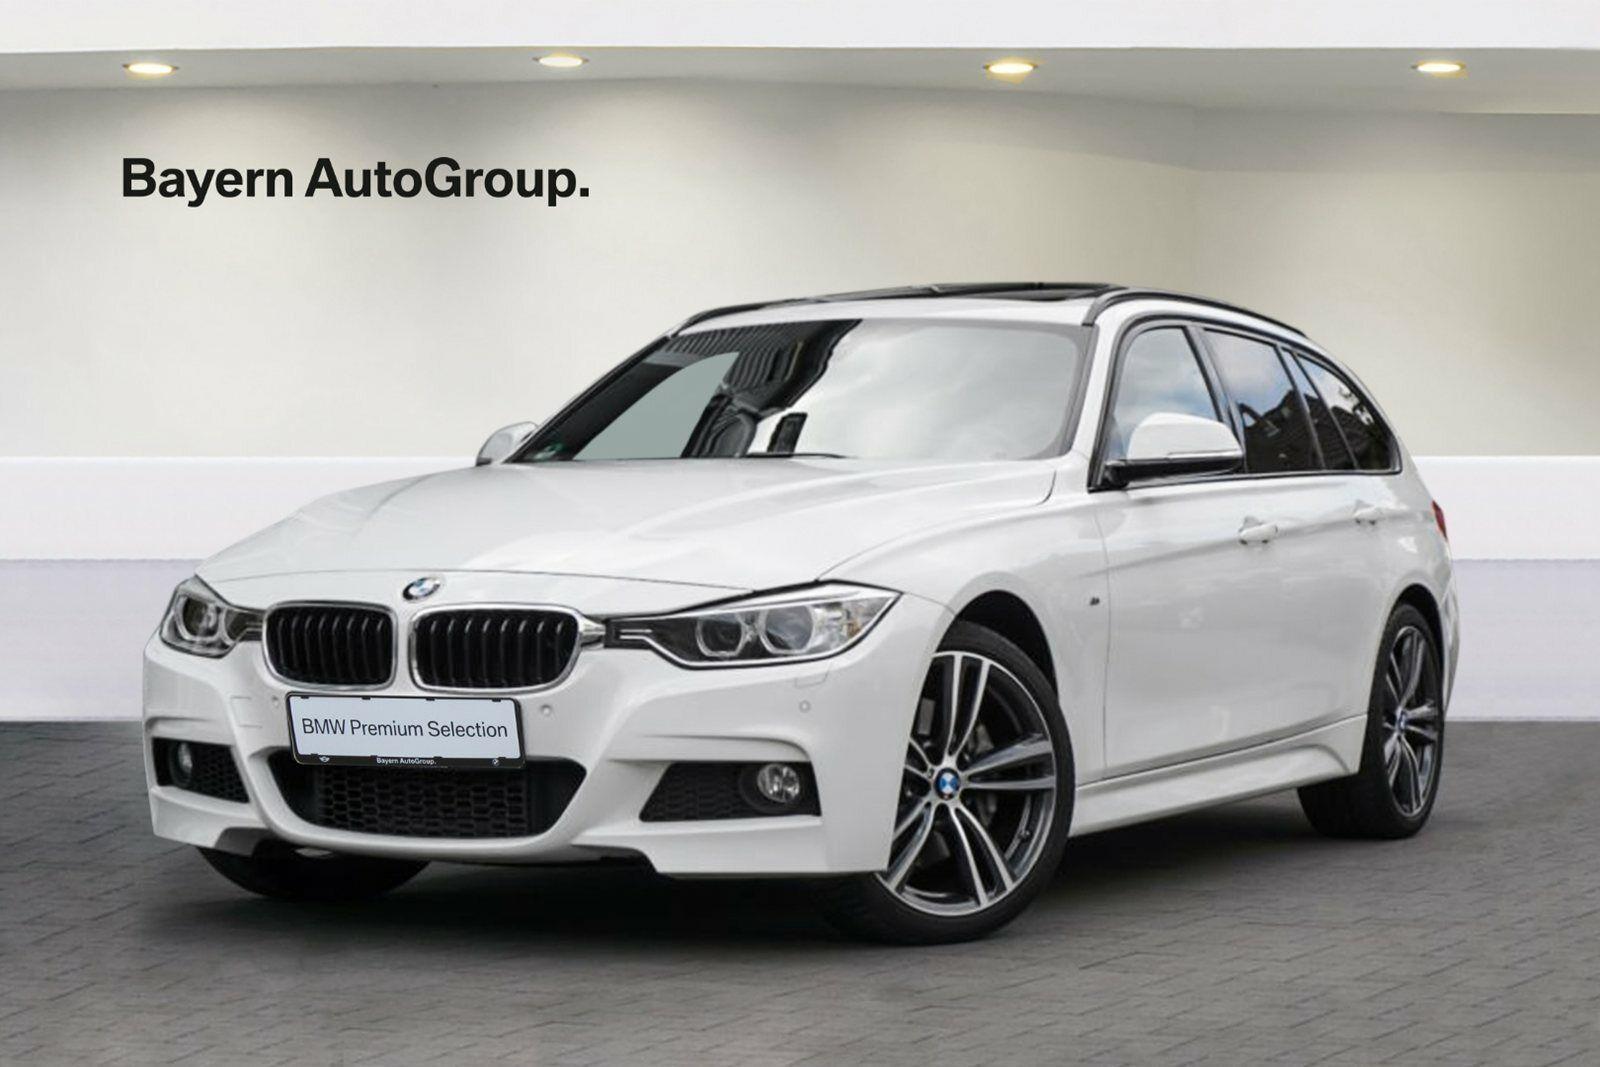 BMW 335d 3,0 Touring xDrive aut. 5d - 5.995 kr.